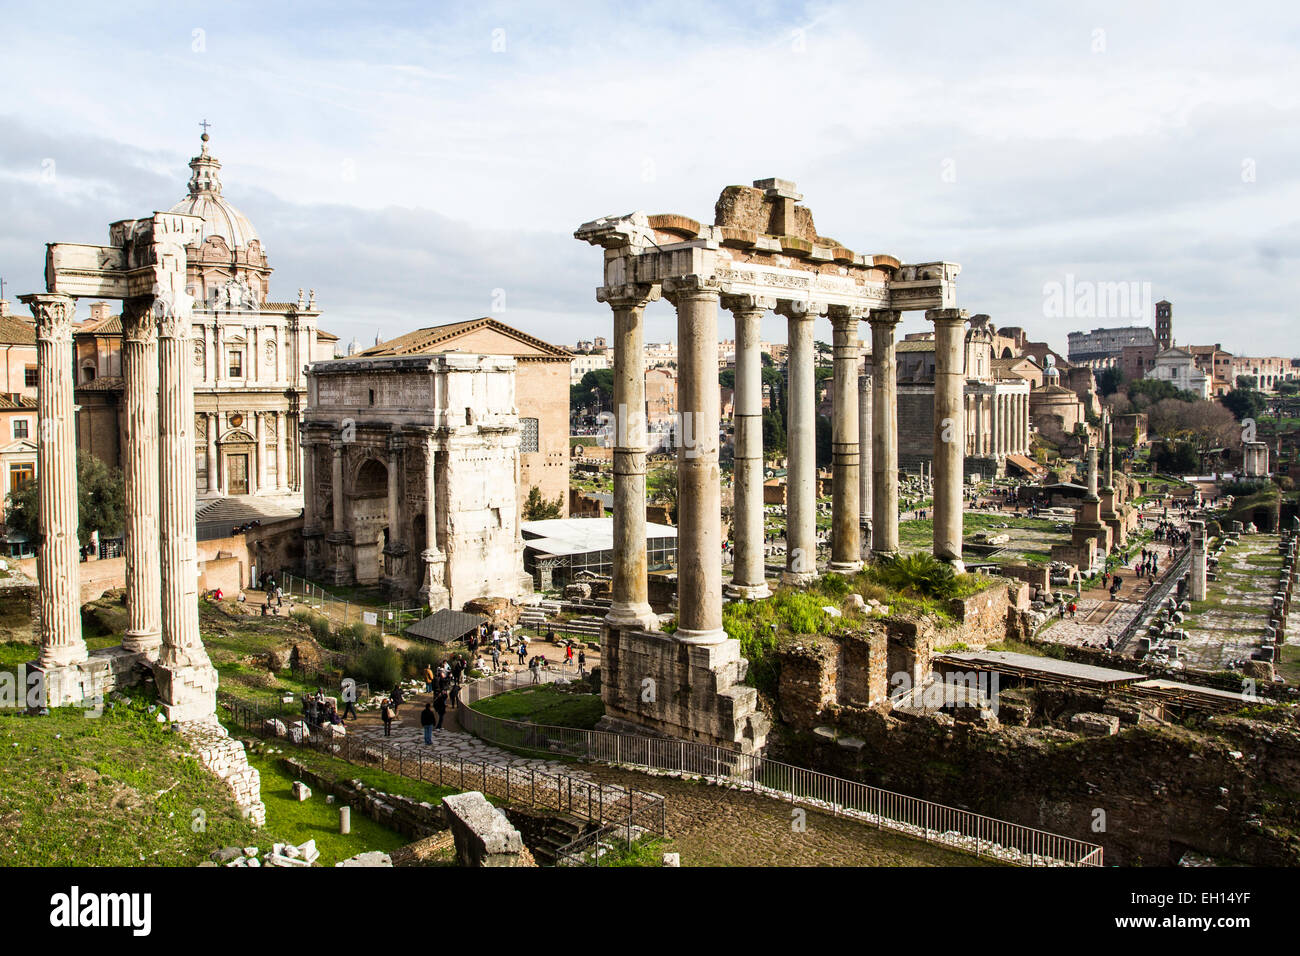 View of the Roman Forum (Foro Romano) with the Arch of Septimius Severus (Arco di Settimio Severo). - Stock Image